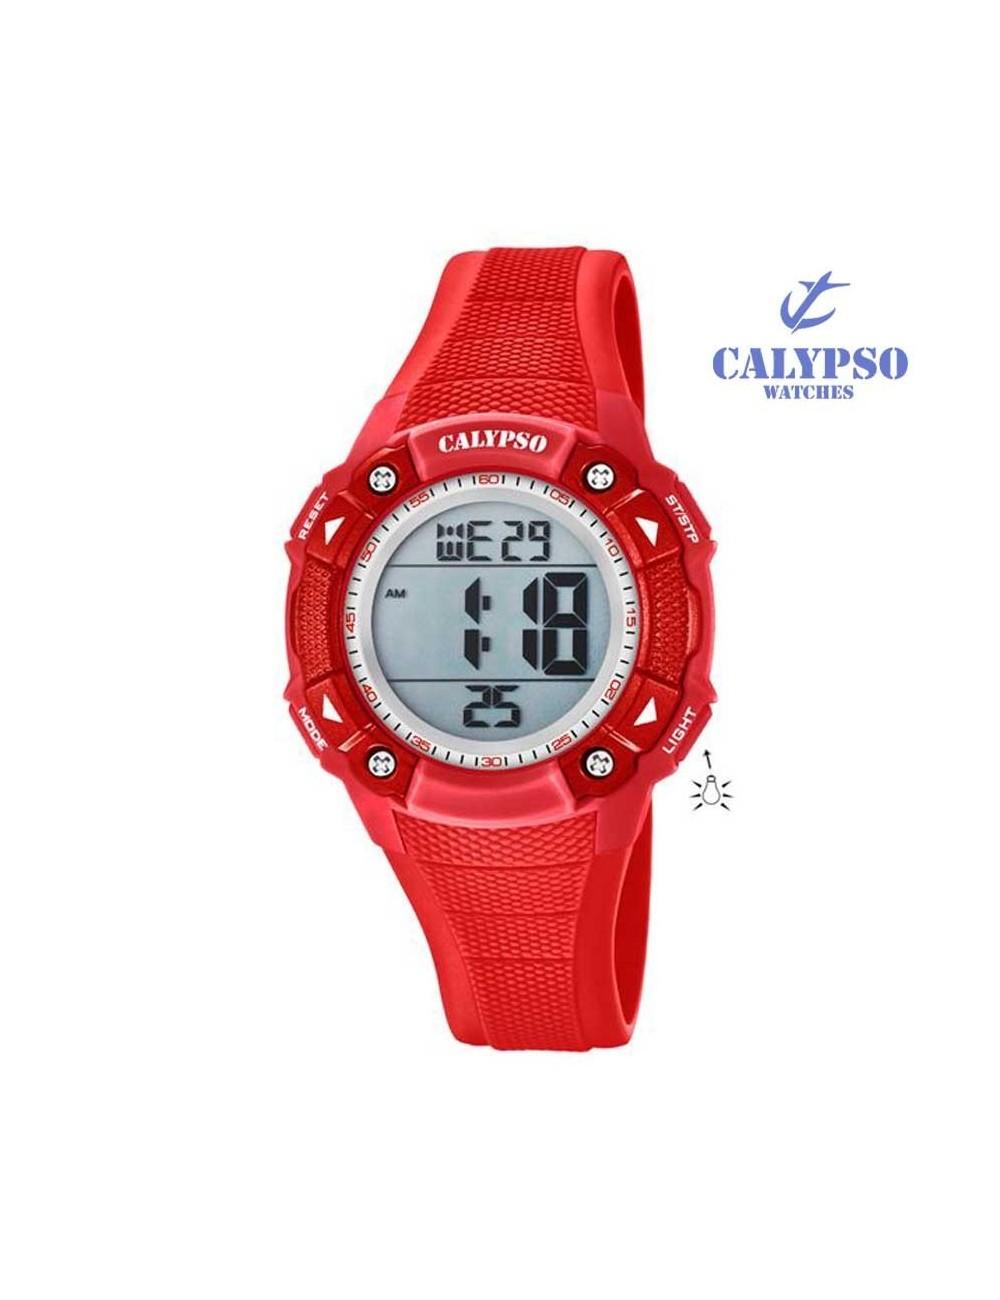 6992f80b4268 Reloj Calypso niño niña digital caucho rojo K5728-3